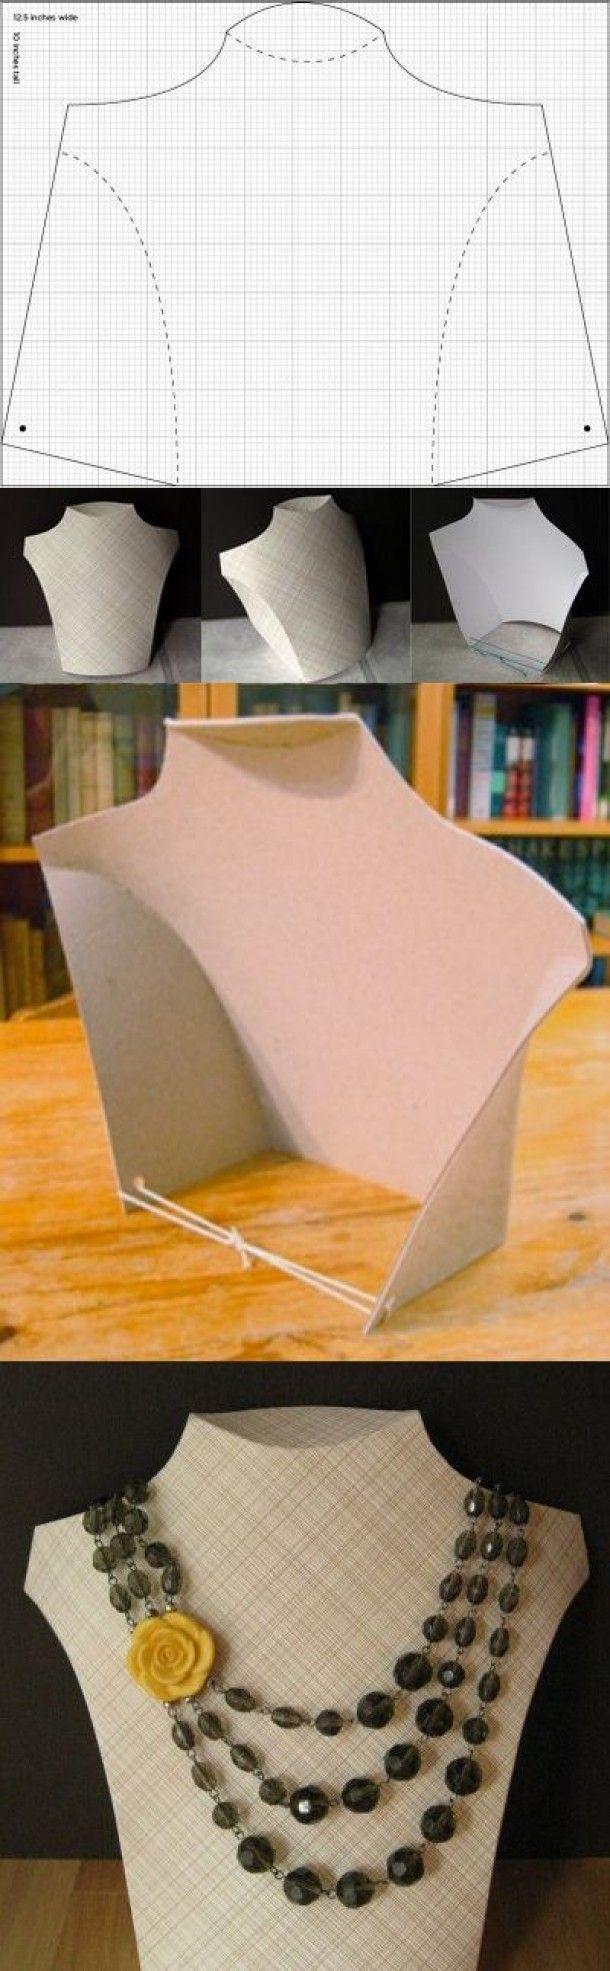 Как сделать макет шеи